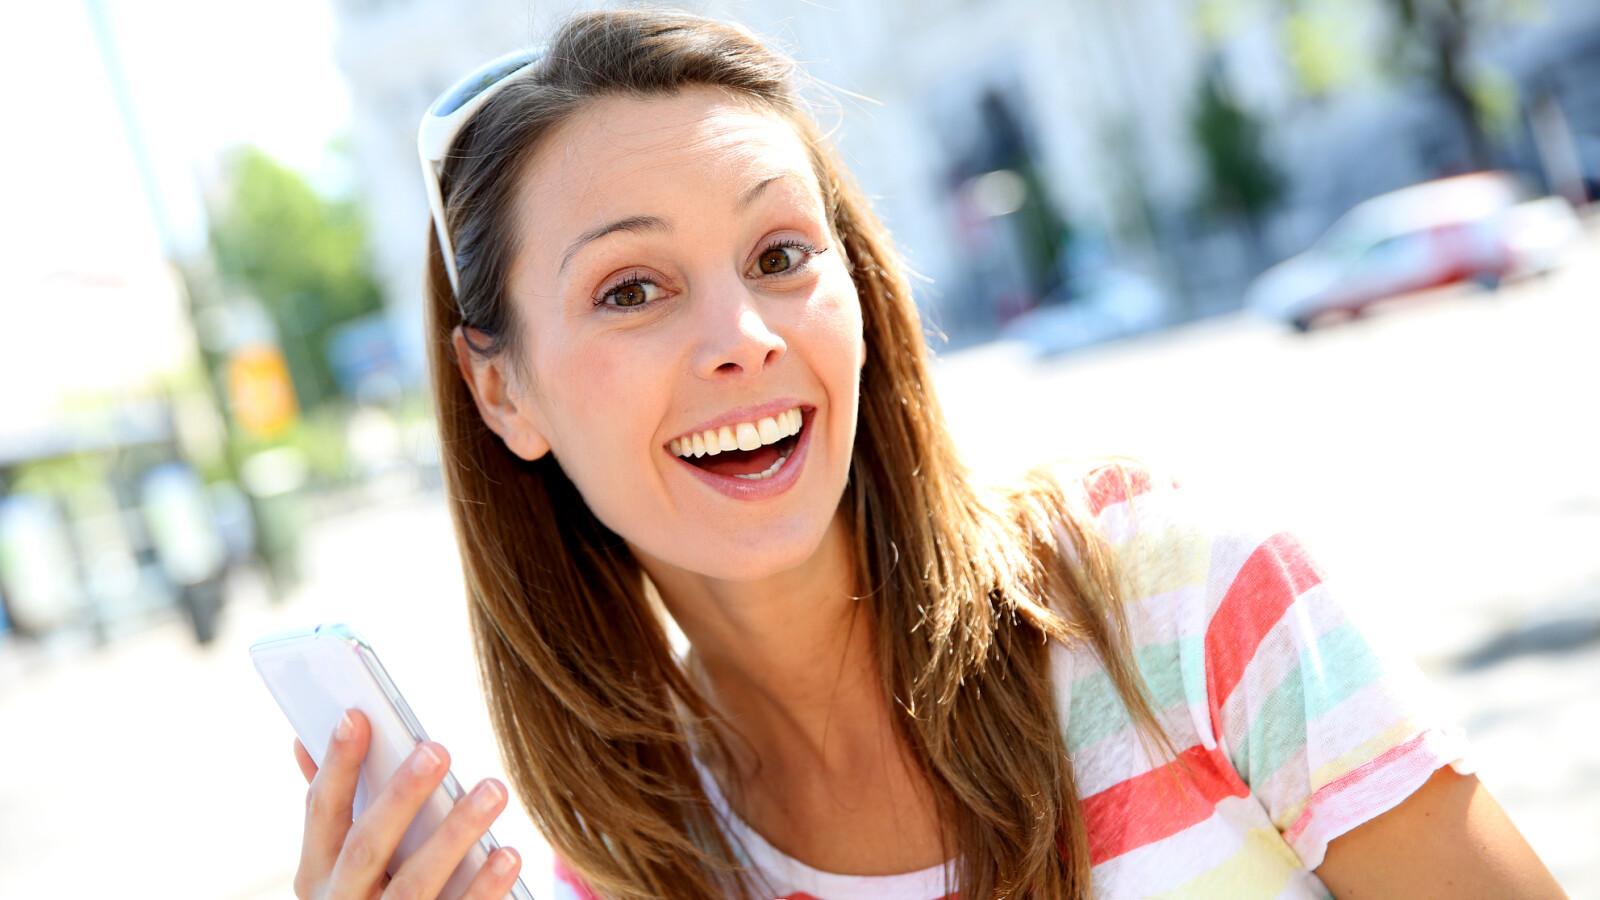 Statt 19,99 Euro kostenlos: Diese App macht Schluss mit schlechten Gewohnheiten - NETZWELT